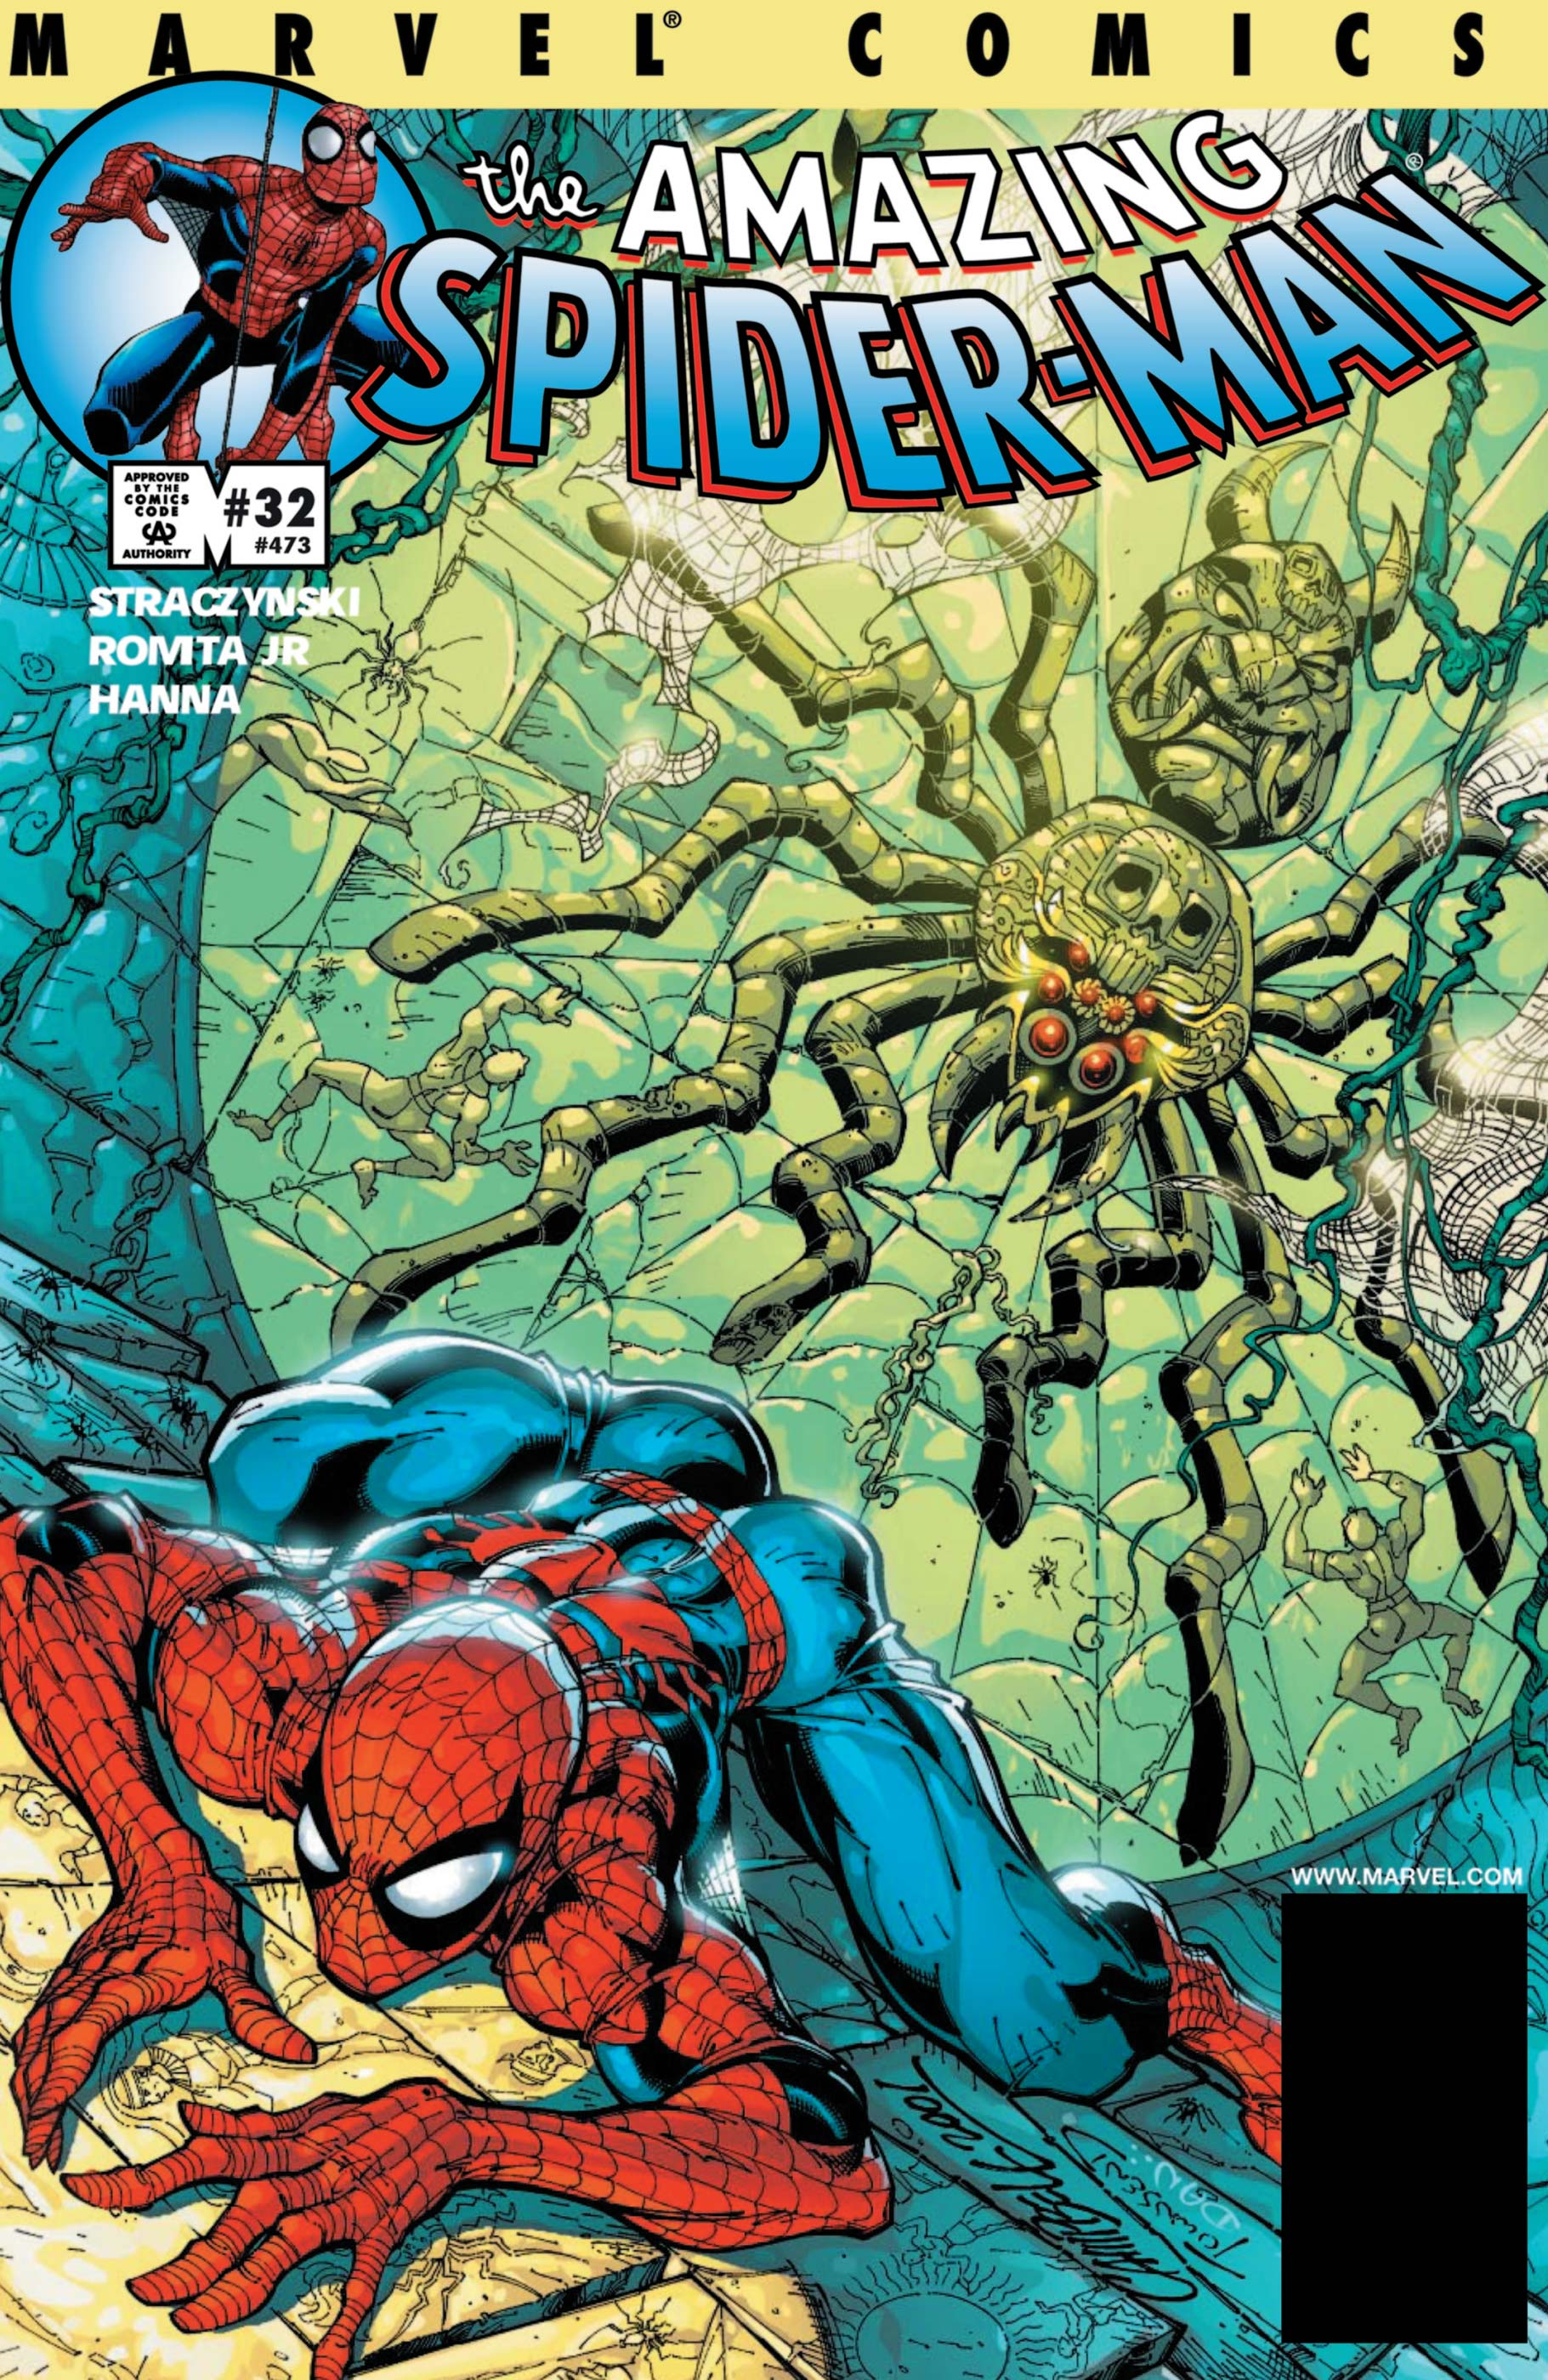 Amazing Spider-Man (1999) #32